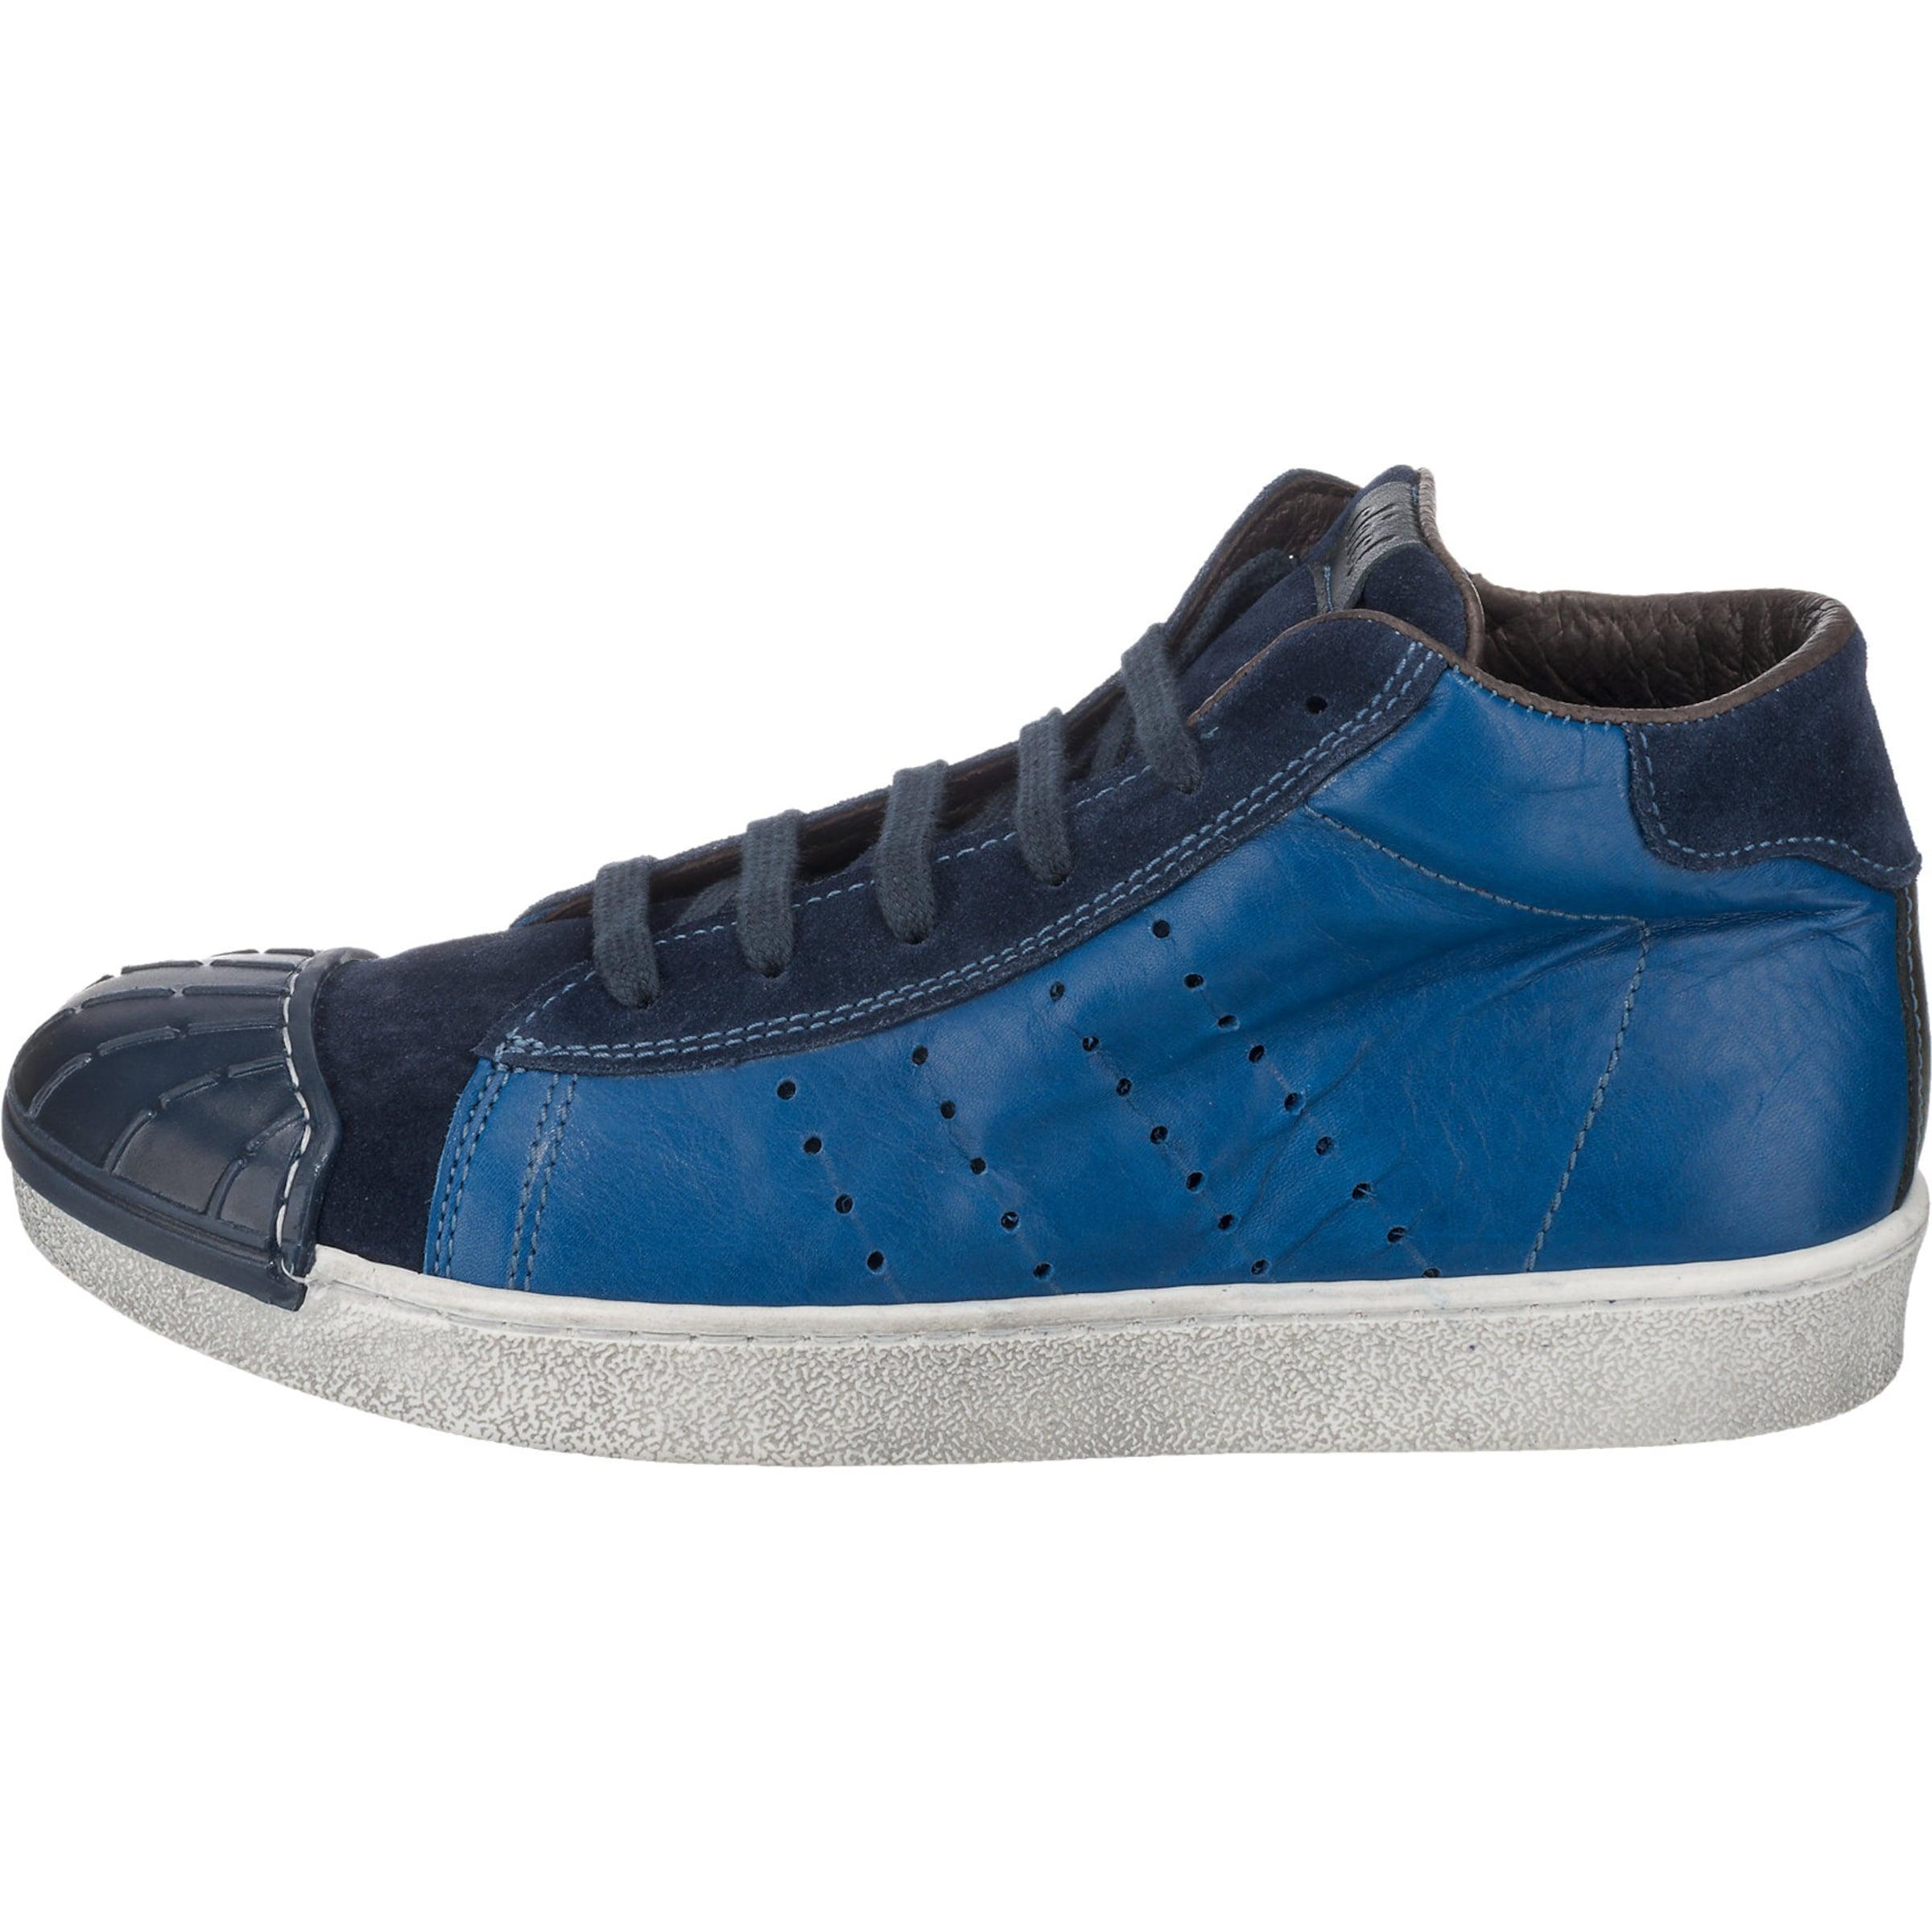 Niedriger Preis Verkauf Fabrikverkauf clic Sneakers Shop Online-Verkauf Freies Verschiffen Verkauf Online Günstig Kaufen Outlet-Store iQGsRV6